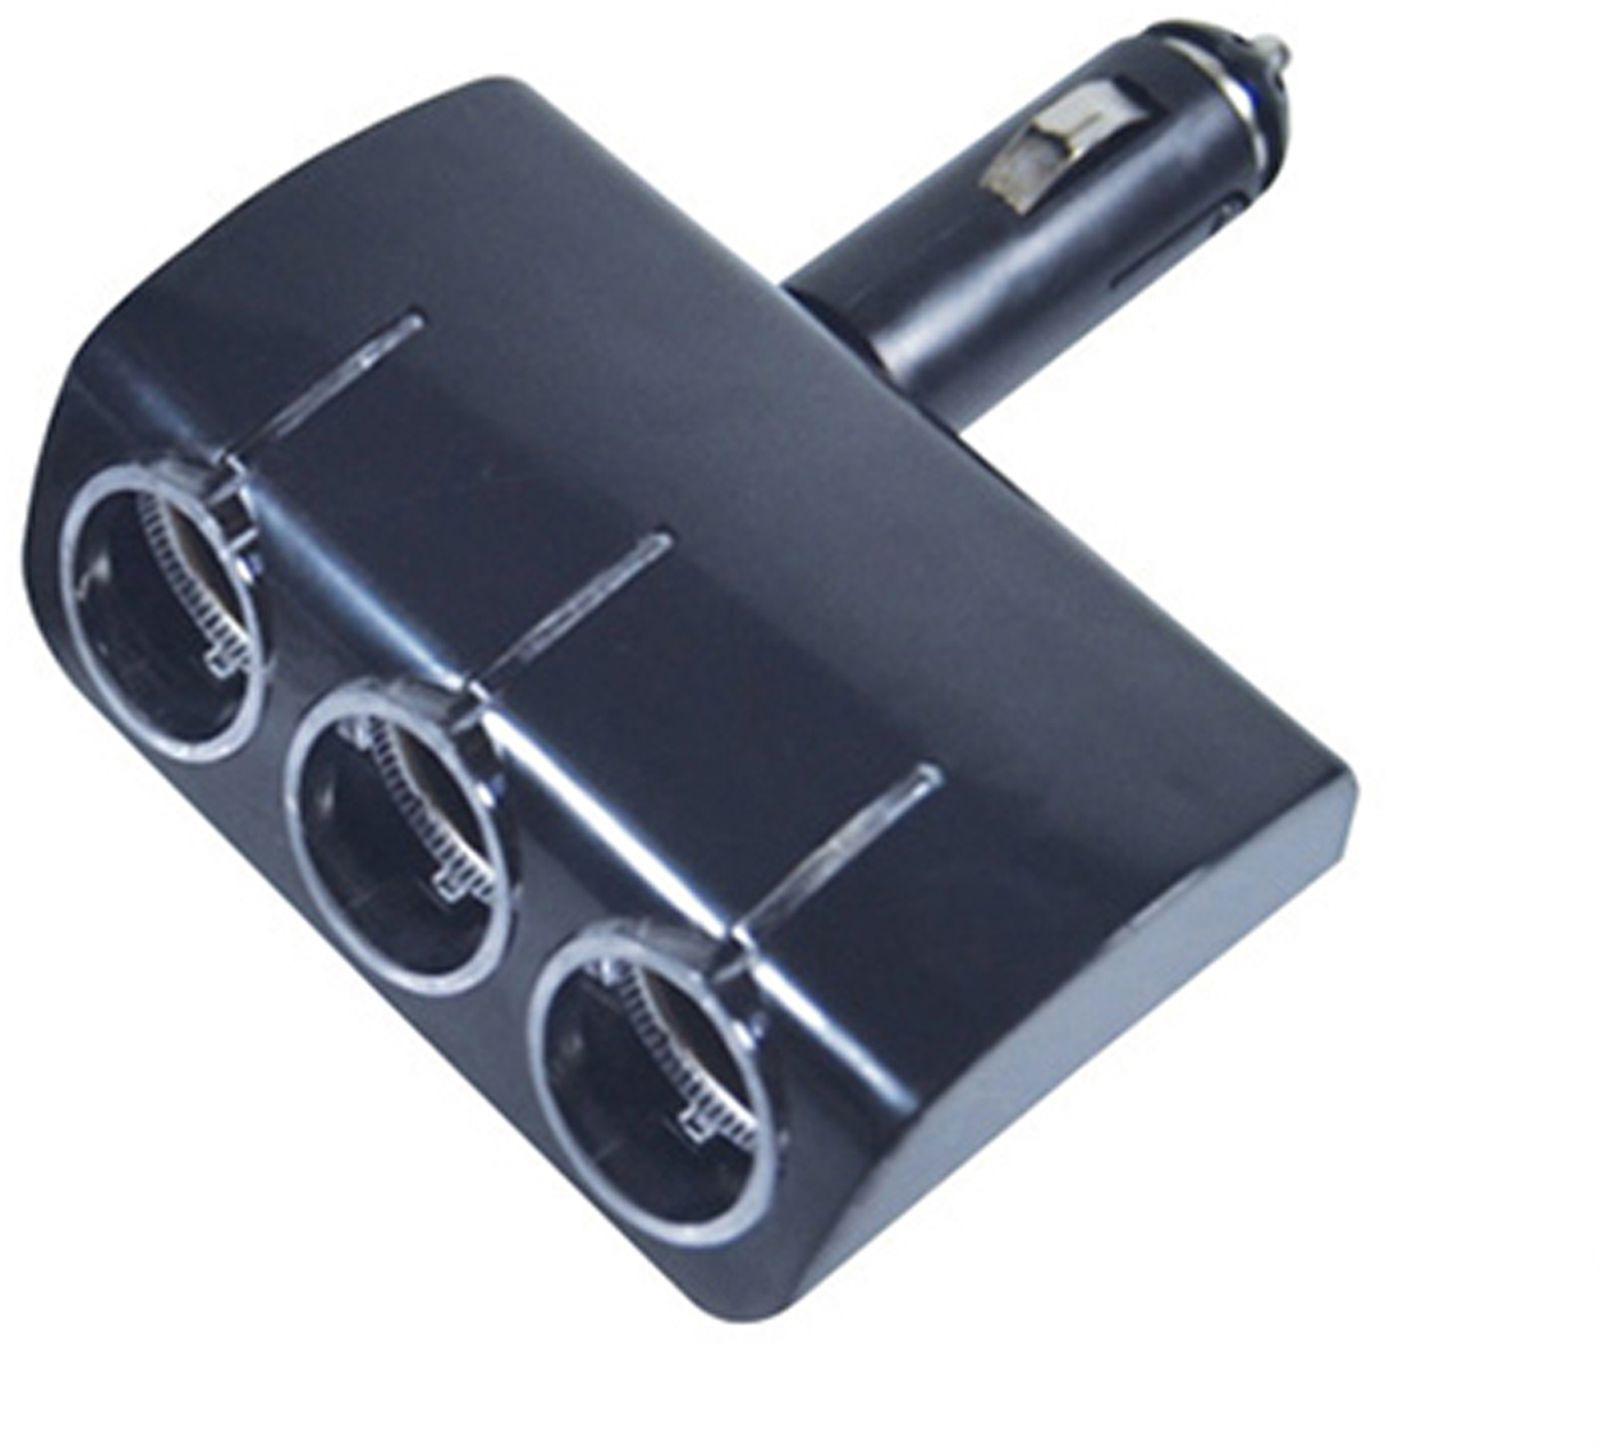 Разветвитель прикуривателя C2R, CDS-226, черный, с подсветкой разветвитель прикуривателя на 3 прикуривателя neoline sl 300